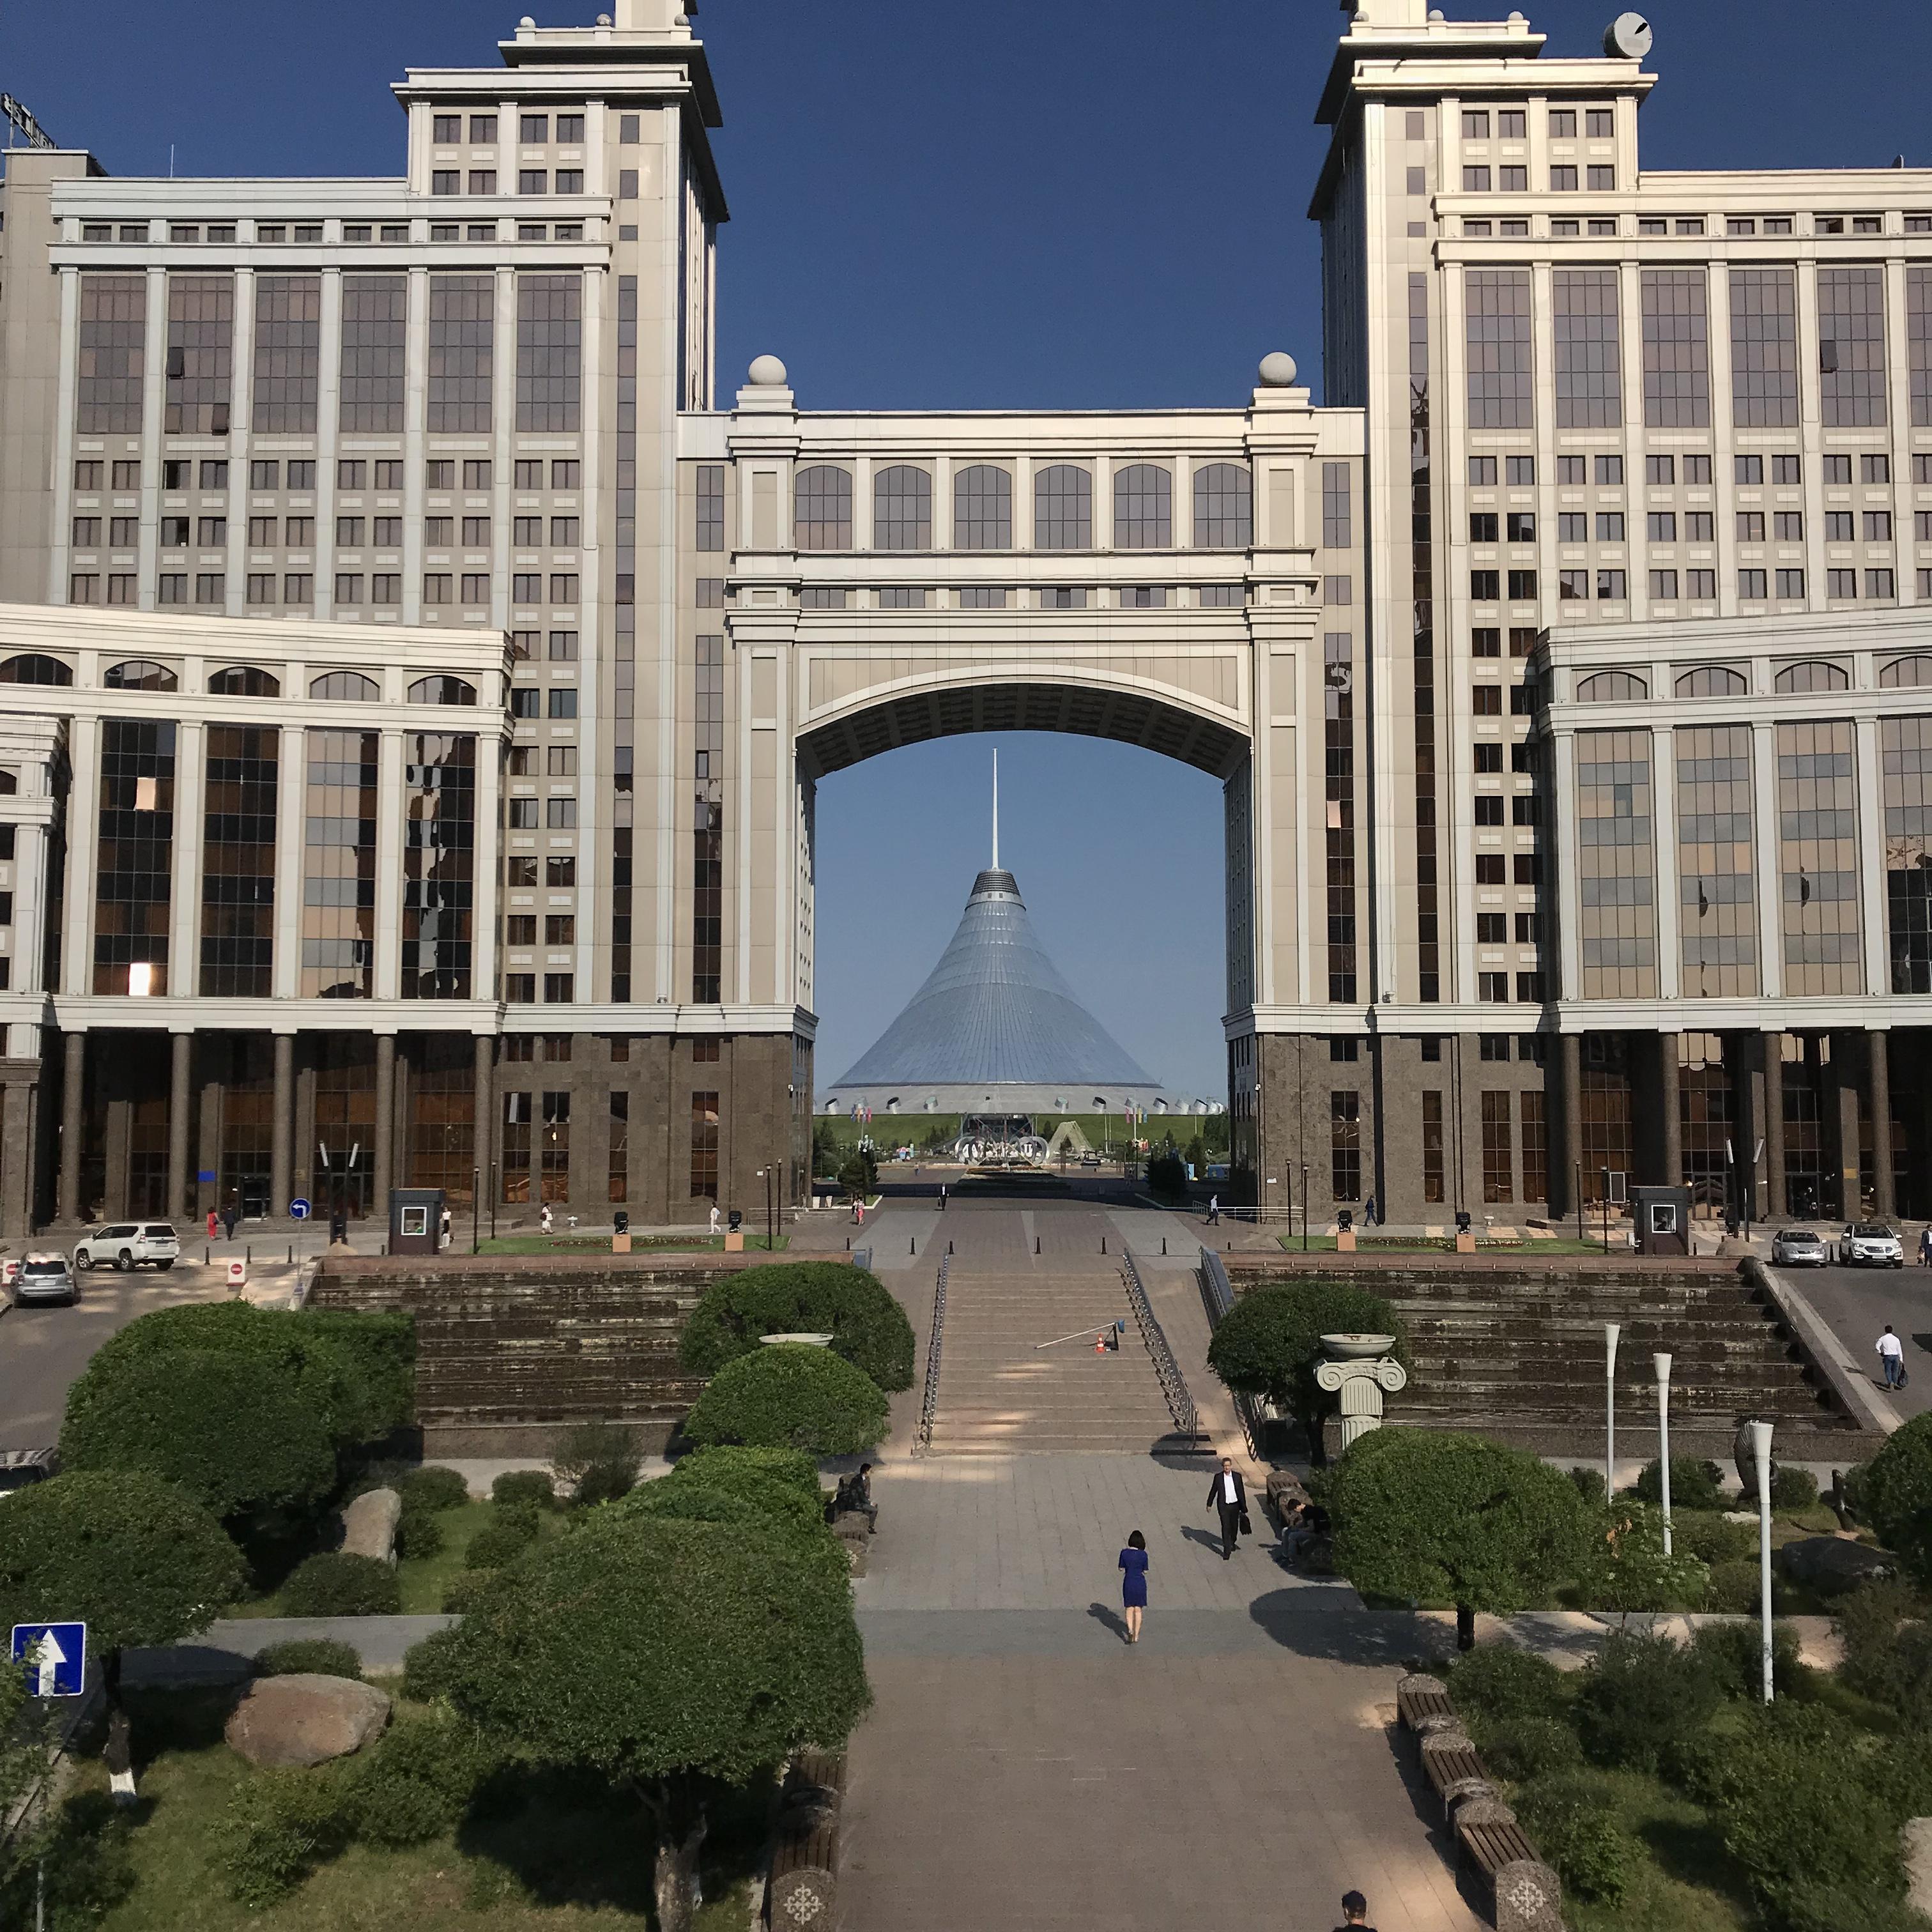 カザフスタンへの一人旅 二日目 朝の散歩2 ネット事情 交通事情 通貨 言語事情